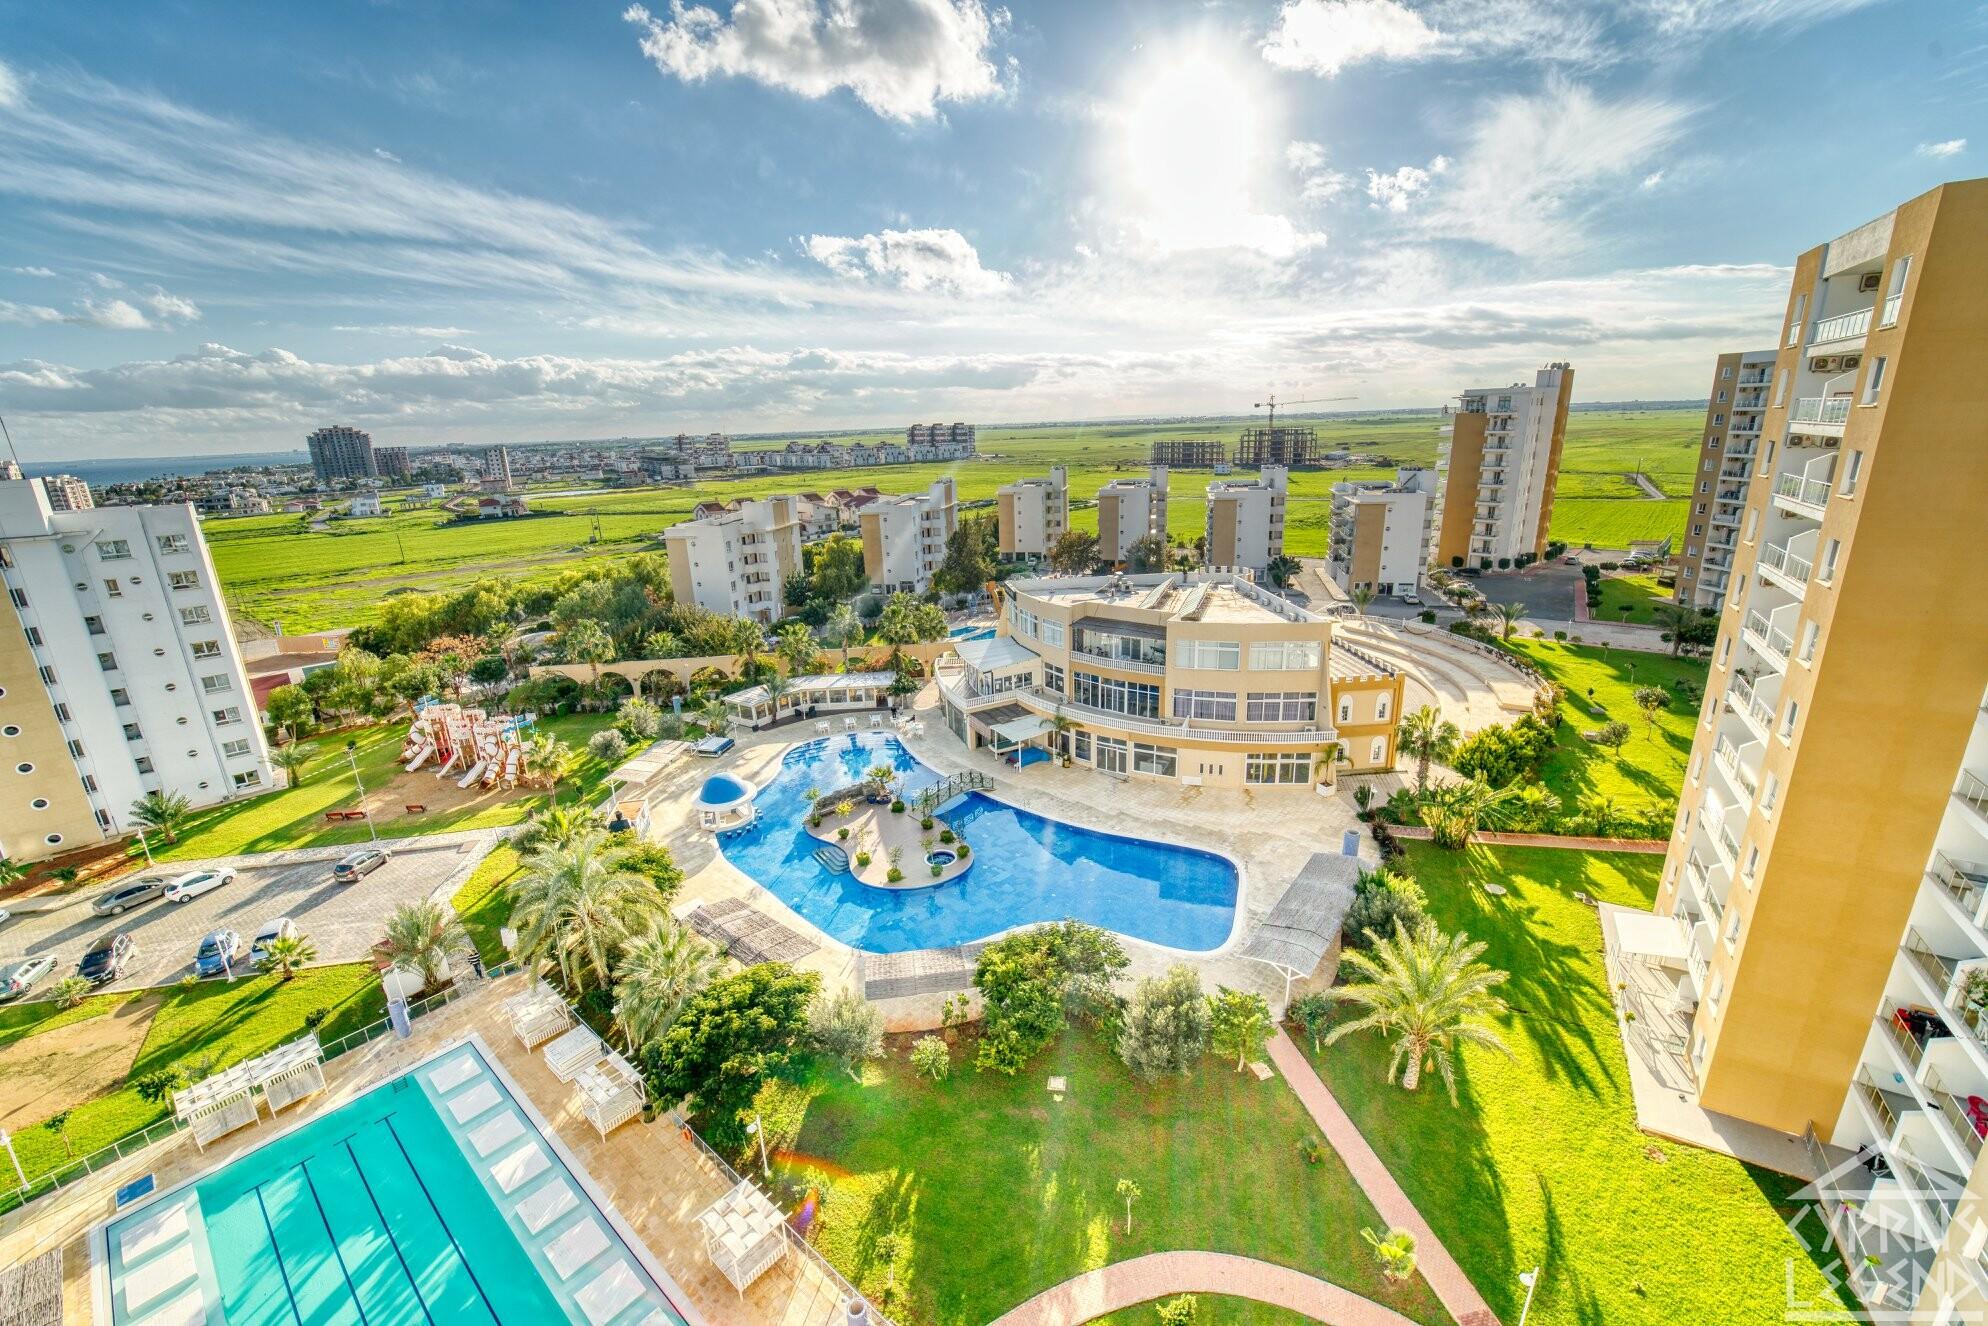 Апартаменты в СПА — комплексе, рассрочка, кредит